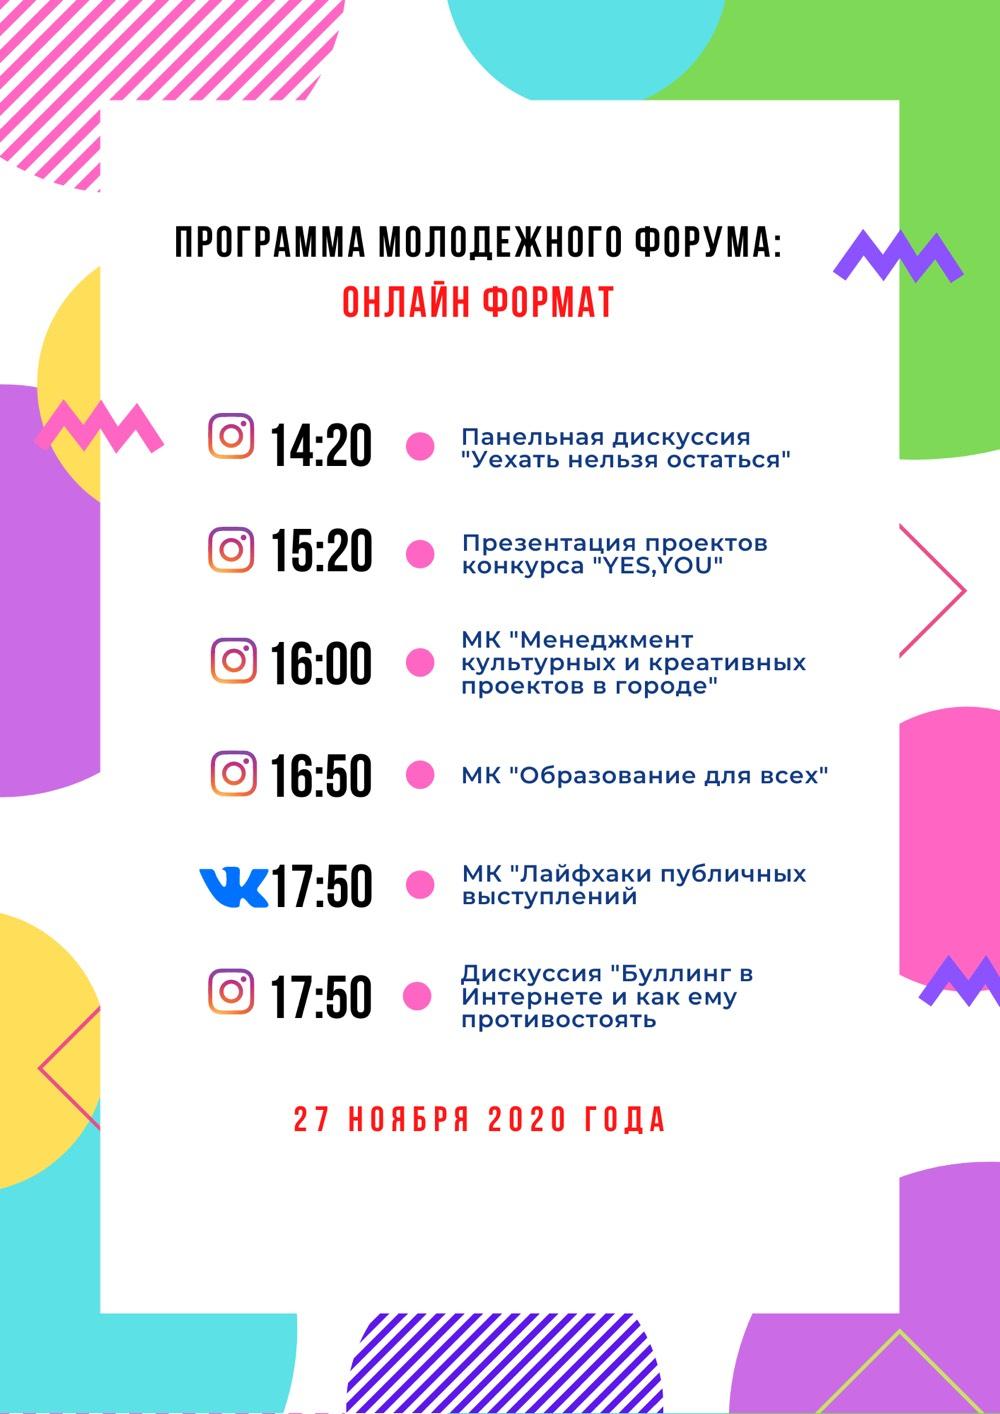 """В Могилеве 27-28 ноября пройдет молодежный форум """"Далучайся!"""